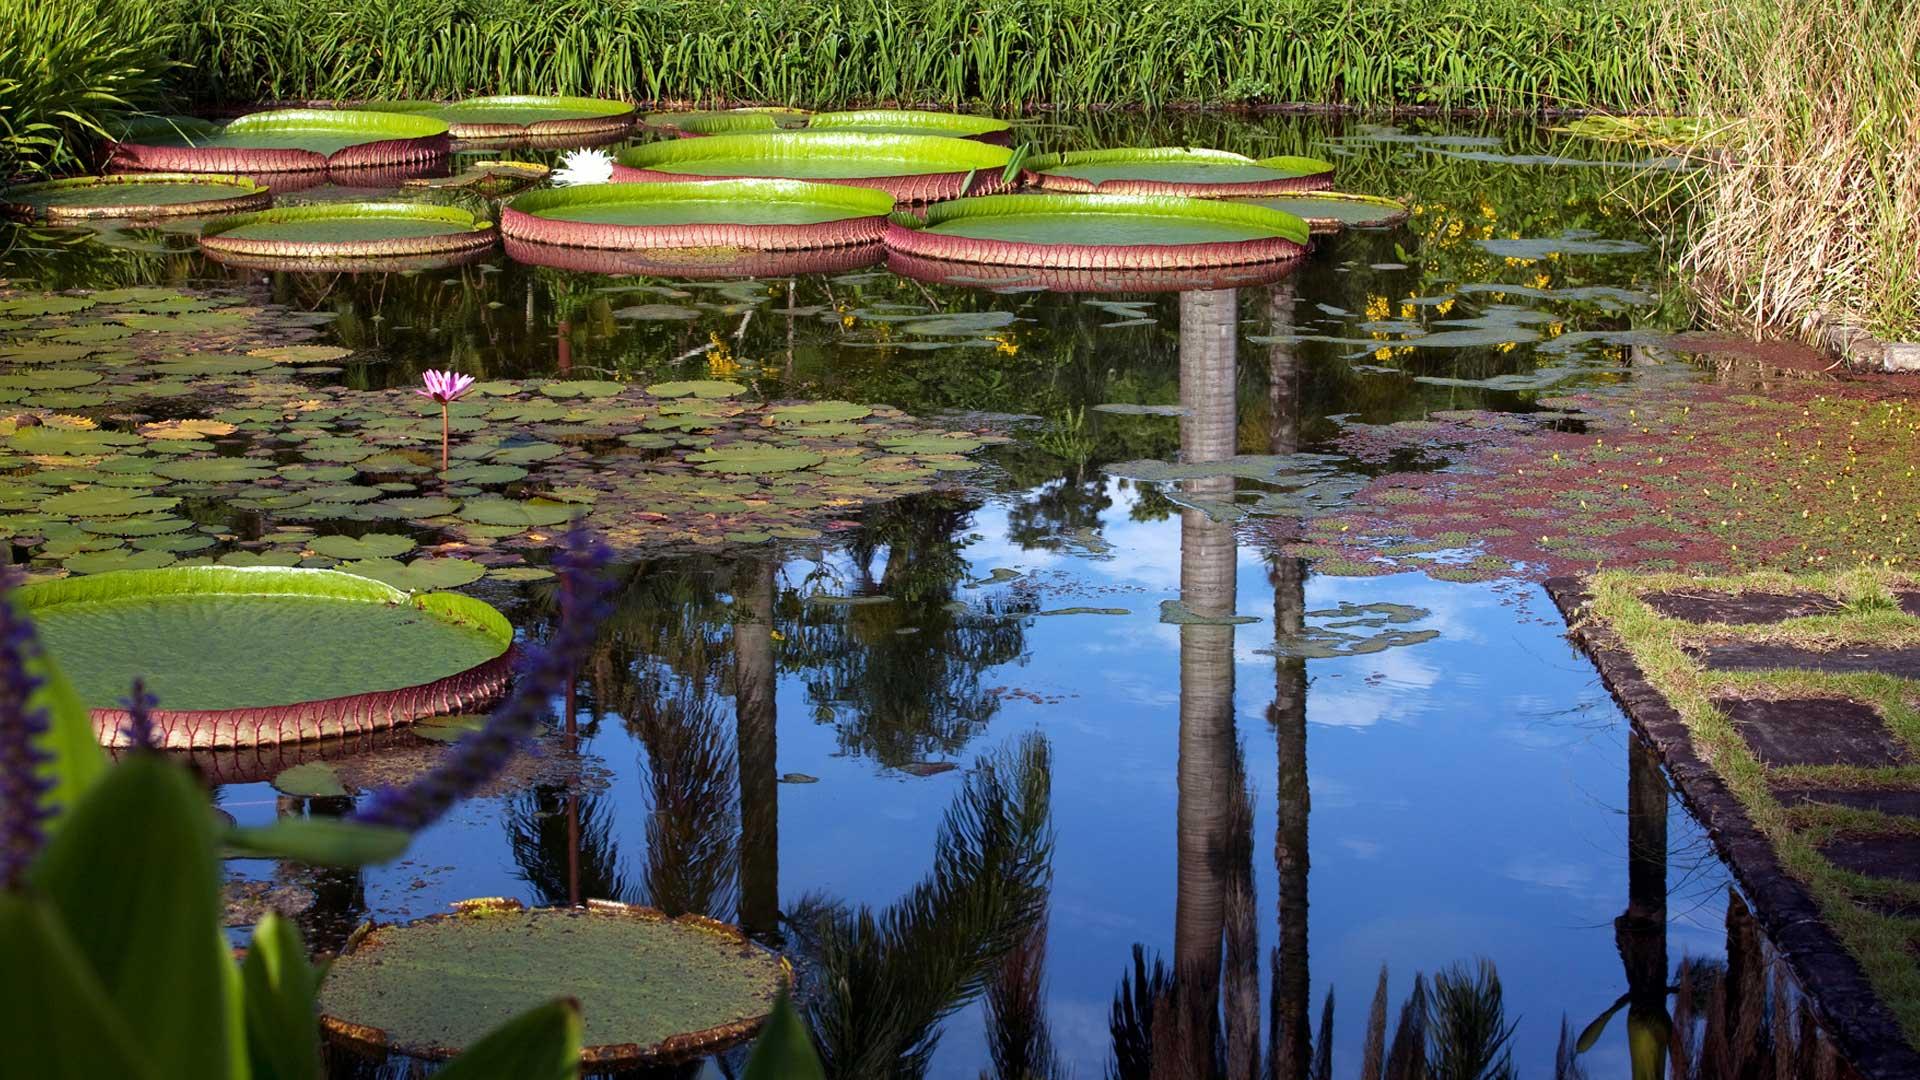 Fotografia de Leonardo Finotti Fazenda Vargem Grande - Jardim Roberto Burle Marx - Areias/SP